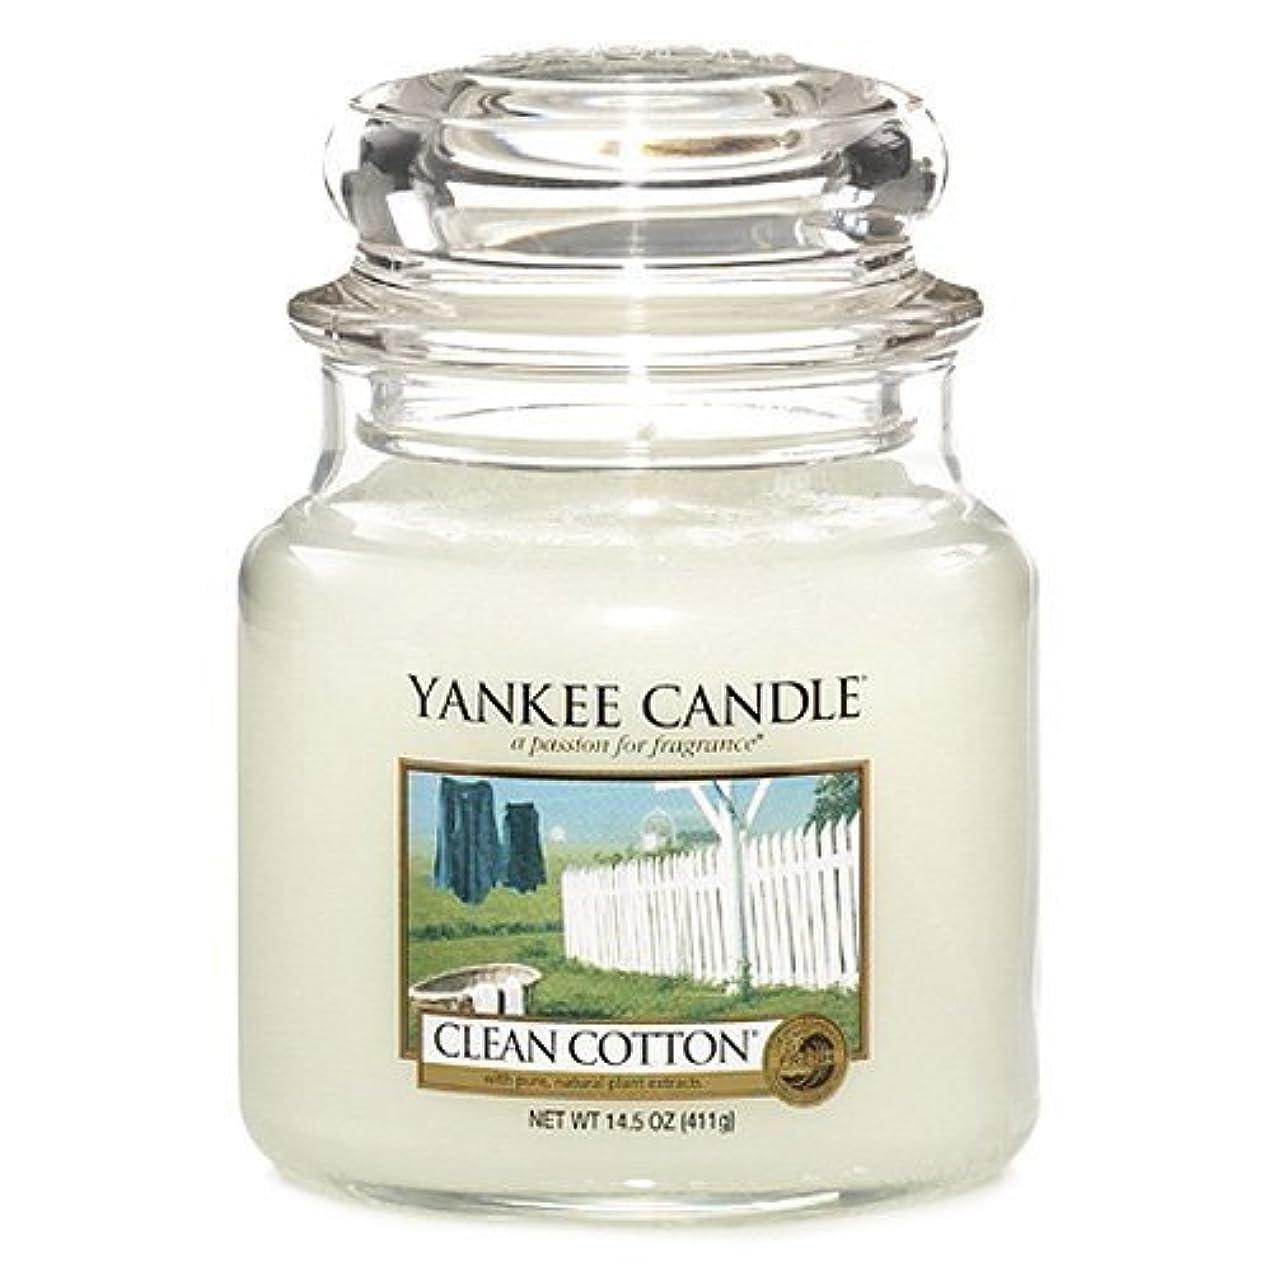 漏斗無秩序逃げるYankee Candle- Medium Clean Cotton Jar Candle 1010729 by Yankee Candle [並行輸入品]